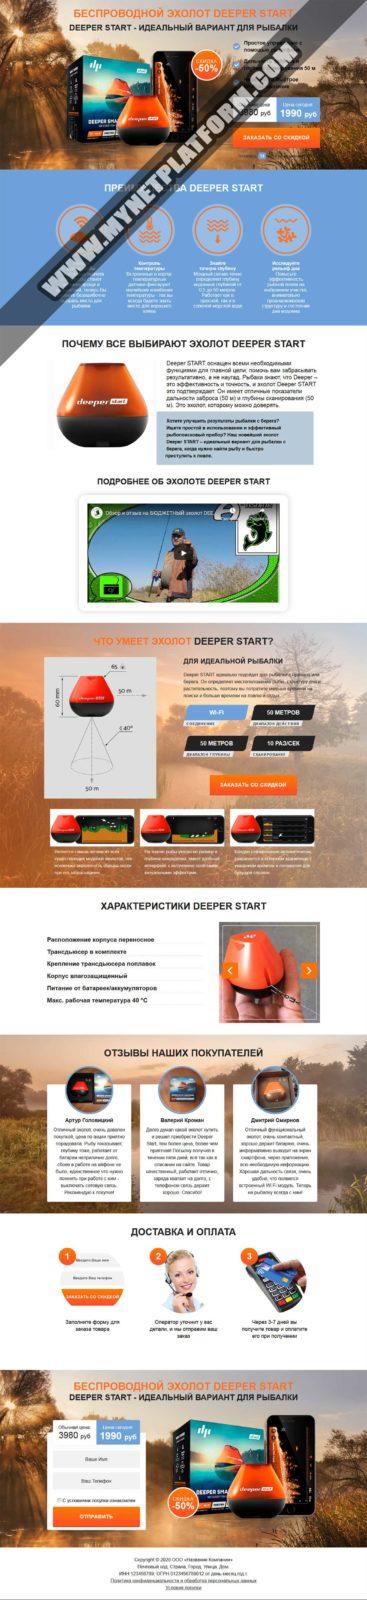 Скриншот Готового лендинга Deeper Start - беспроводный эхолот 001